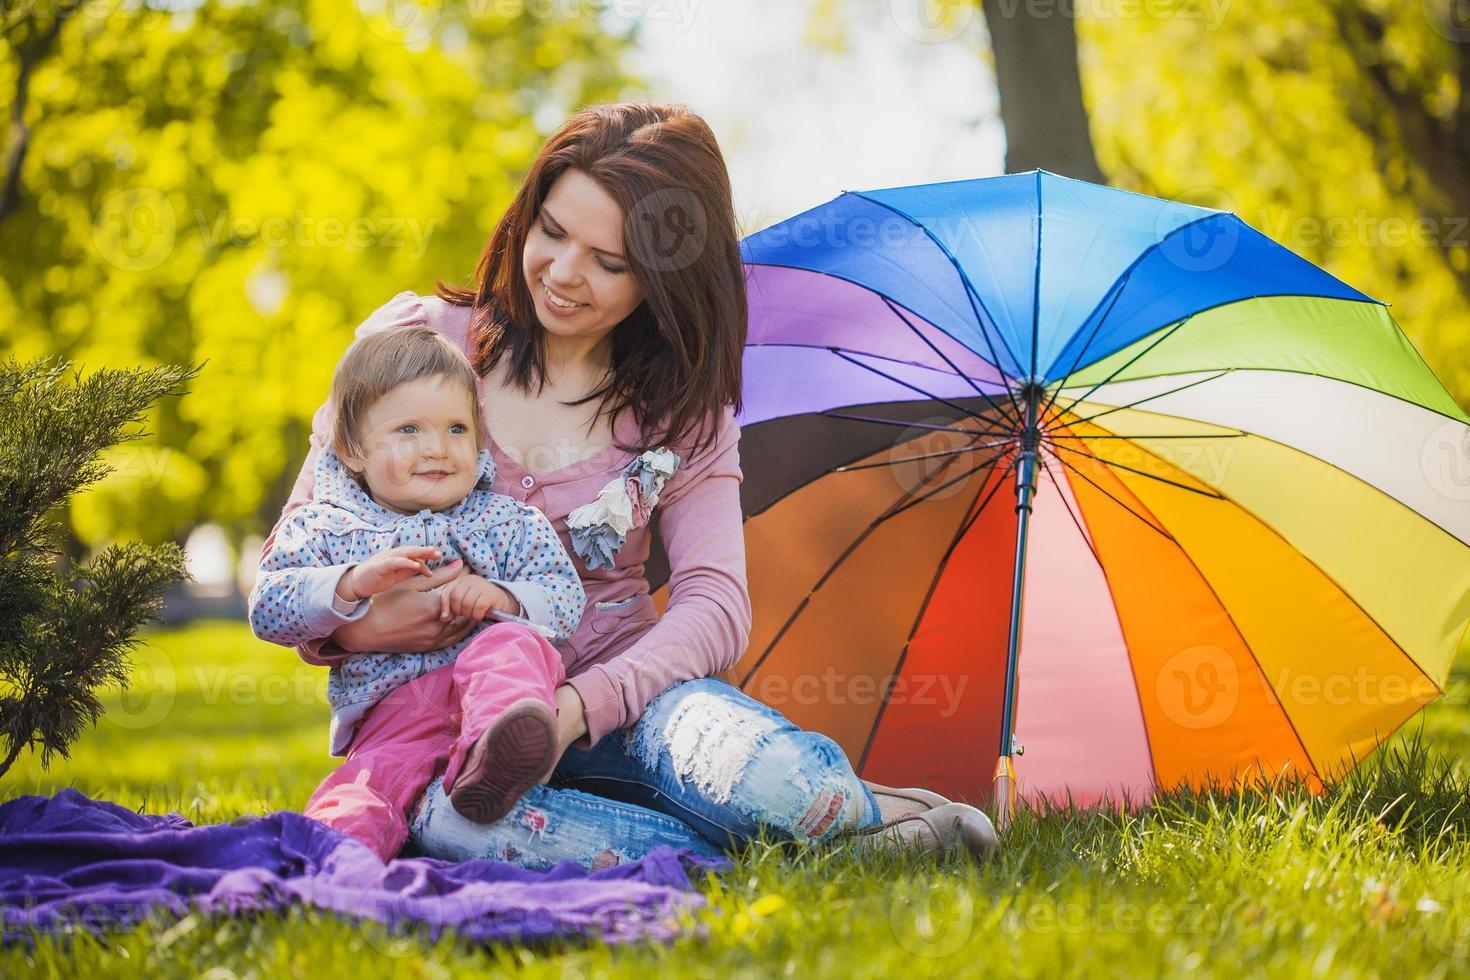 feliz mãe e bebê no Prado foto